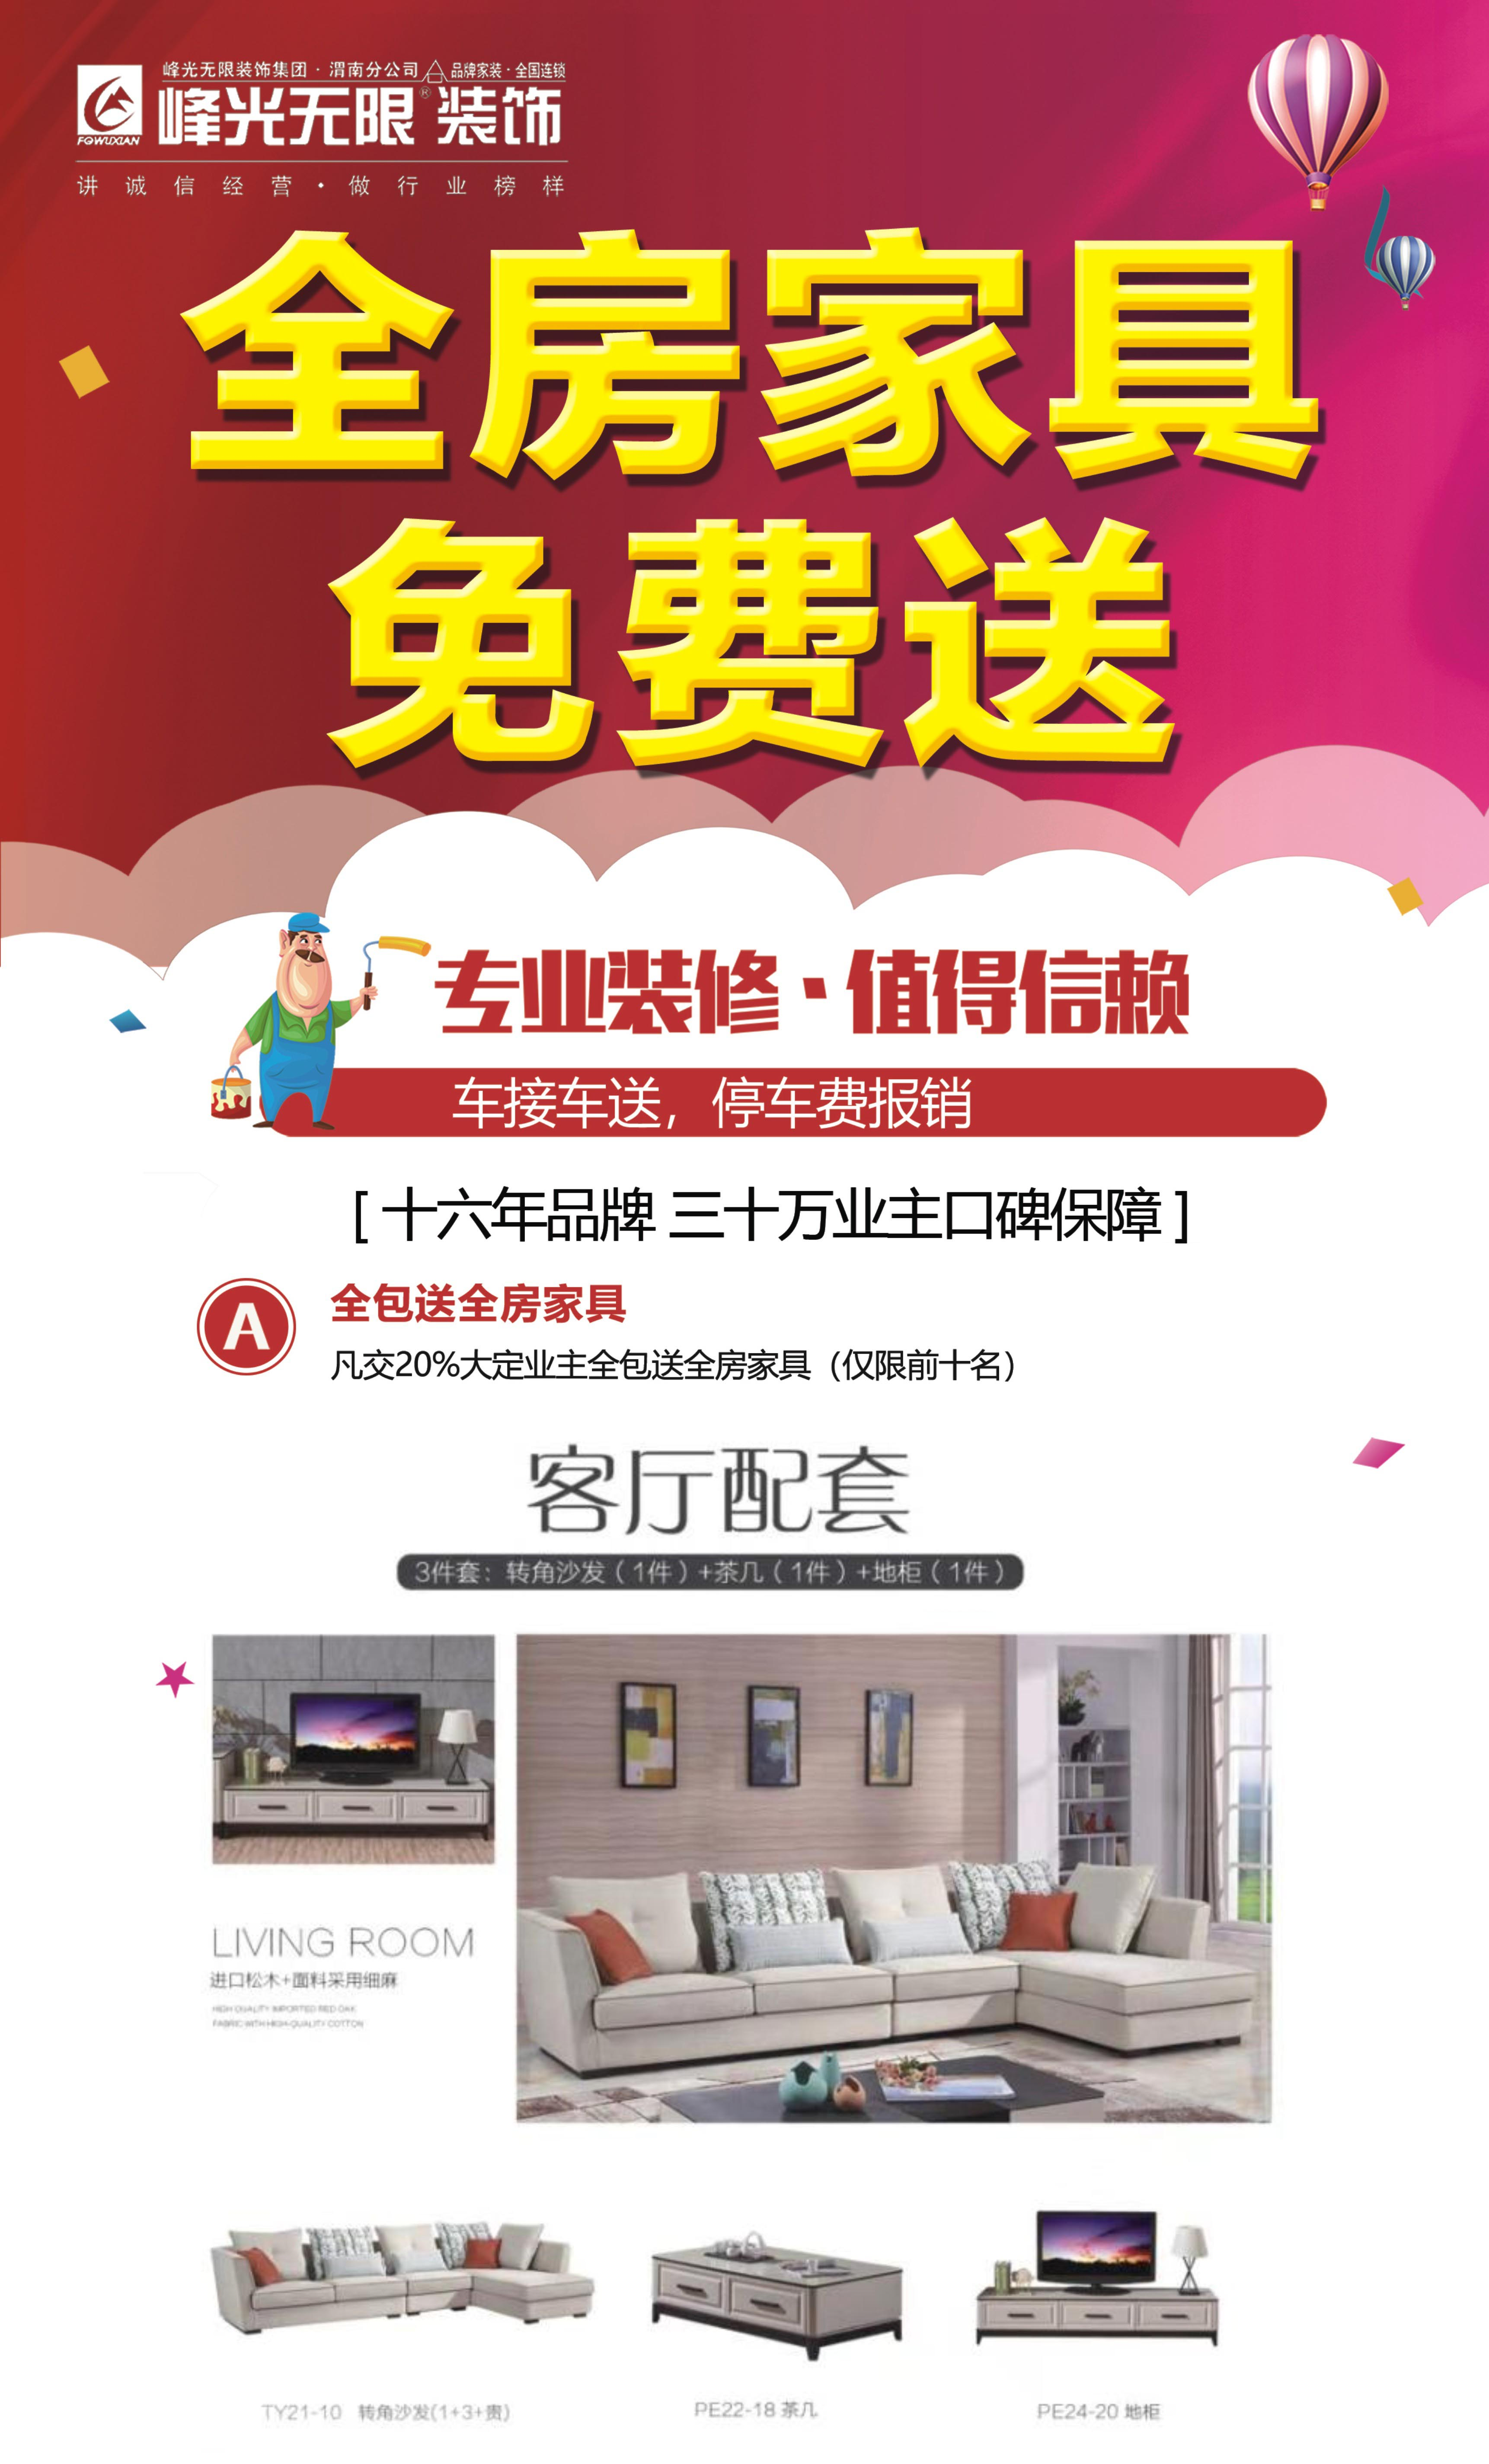 峰光感恩回馈:全房家具免费送